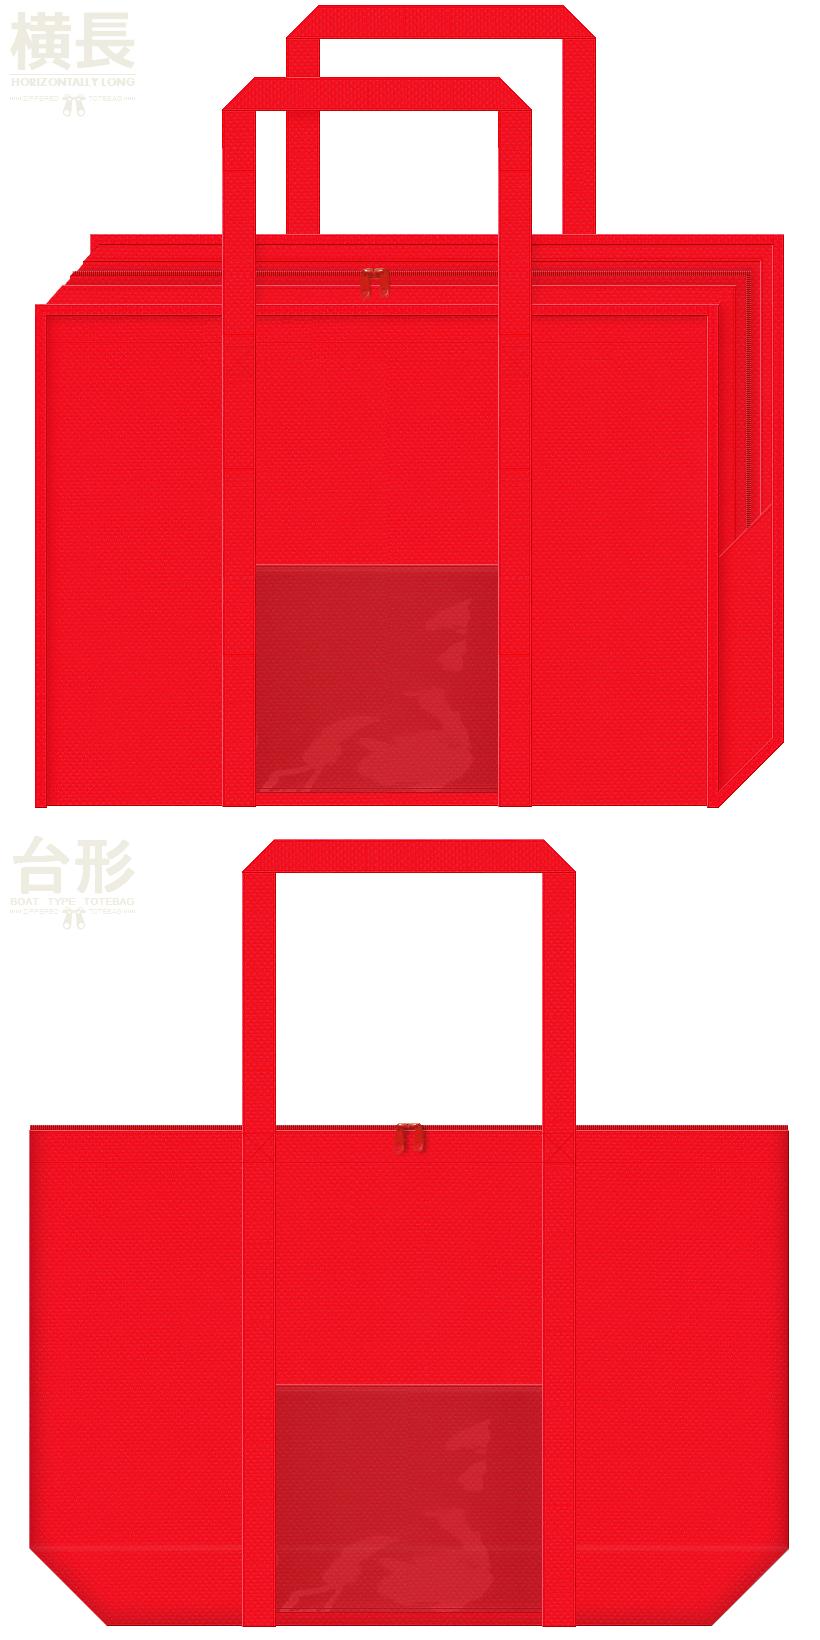 赤色の不織布バッグデザイン:透明ポケット付きの不織布ランドリーバッグ